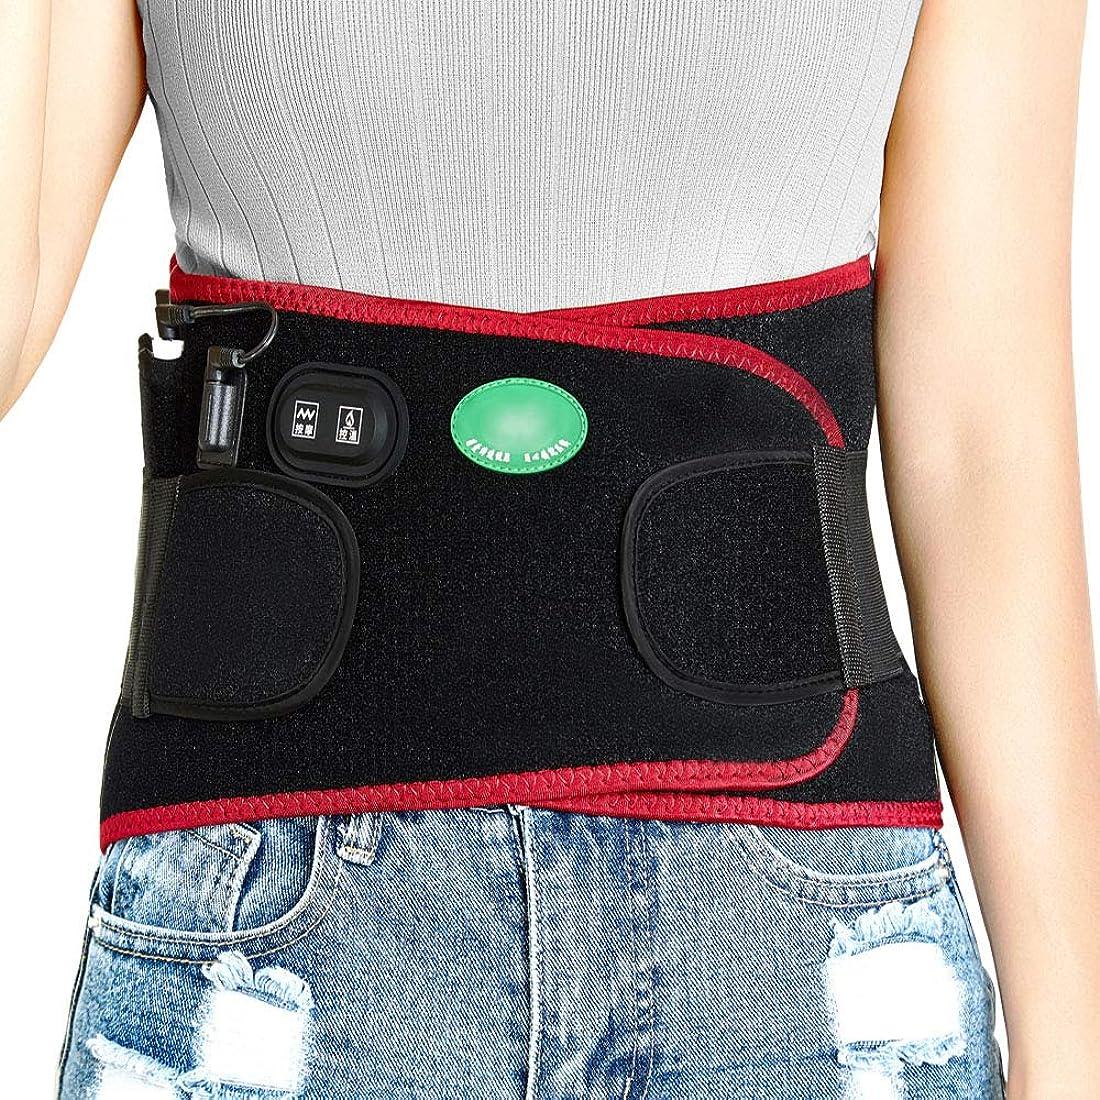 貧困バスト実現可能腰用温熱ベルト 腰を支える 腰間盤際立っている 遠赤外線 腰椎の痛み緩和 3段階温度調節 充電式マッサージ振動する労損 熱をつける男女